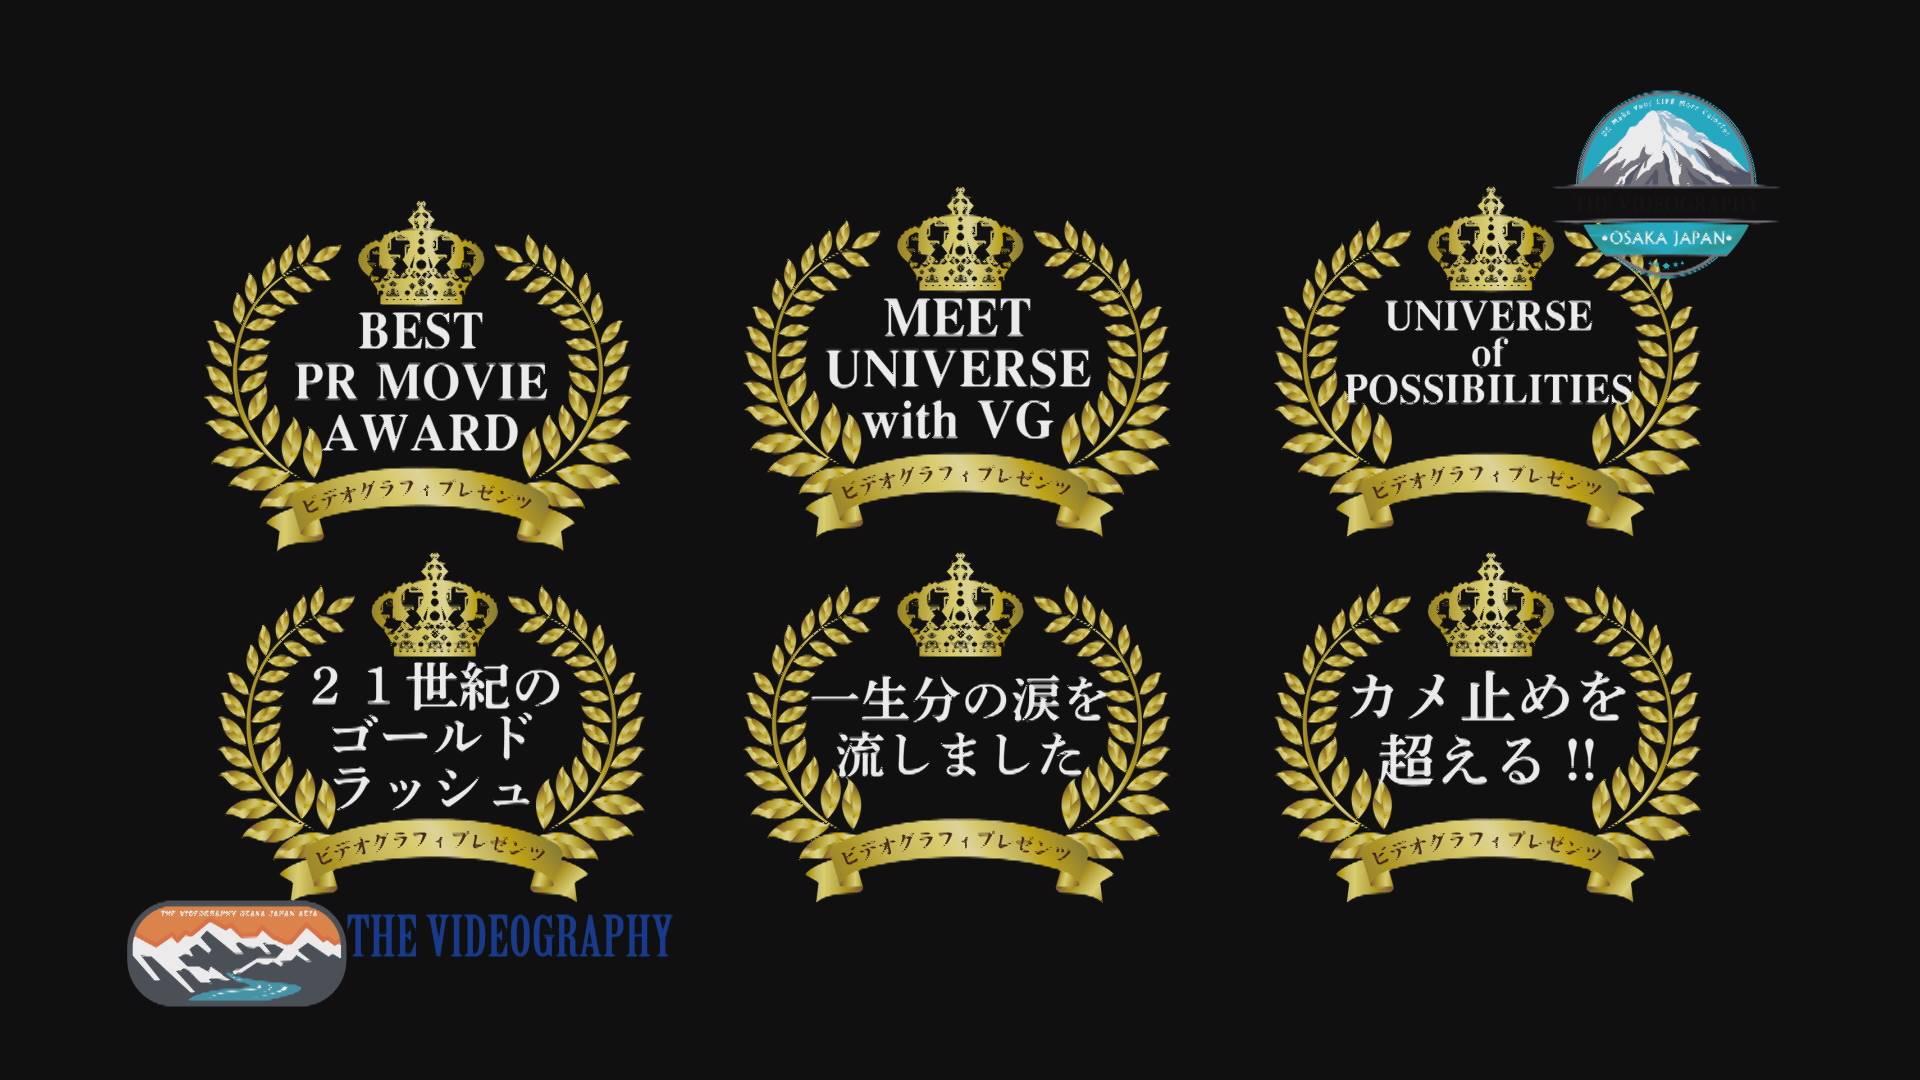 Meet Universe Movie Project. あなたの夢を叶えます。動画上で、夢の月面旅行 宇宙遊泳や銀河系の探索が可能です。